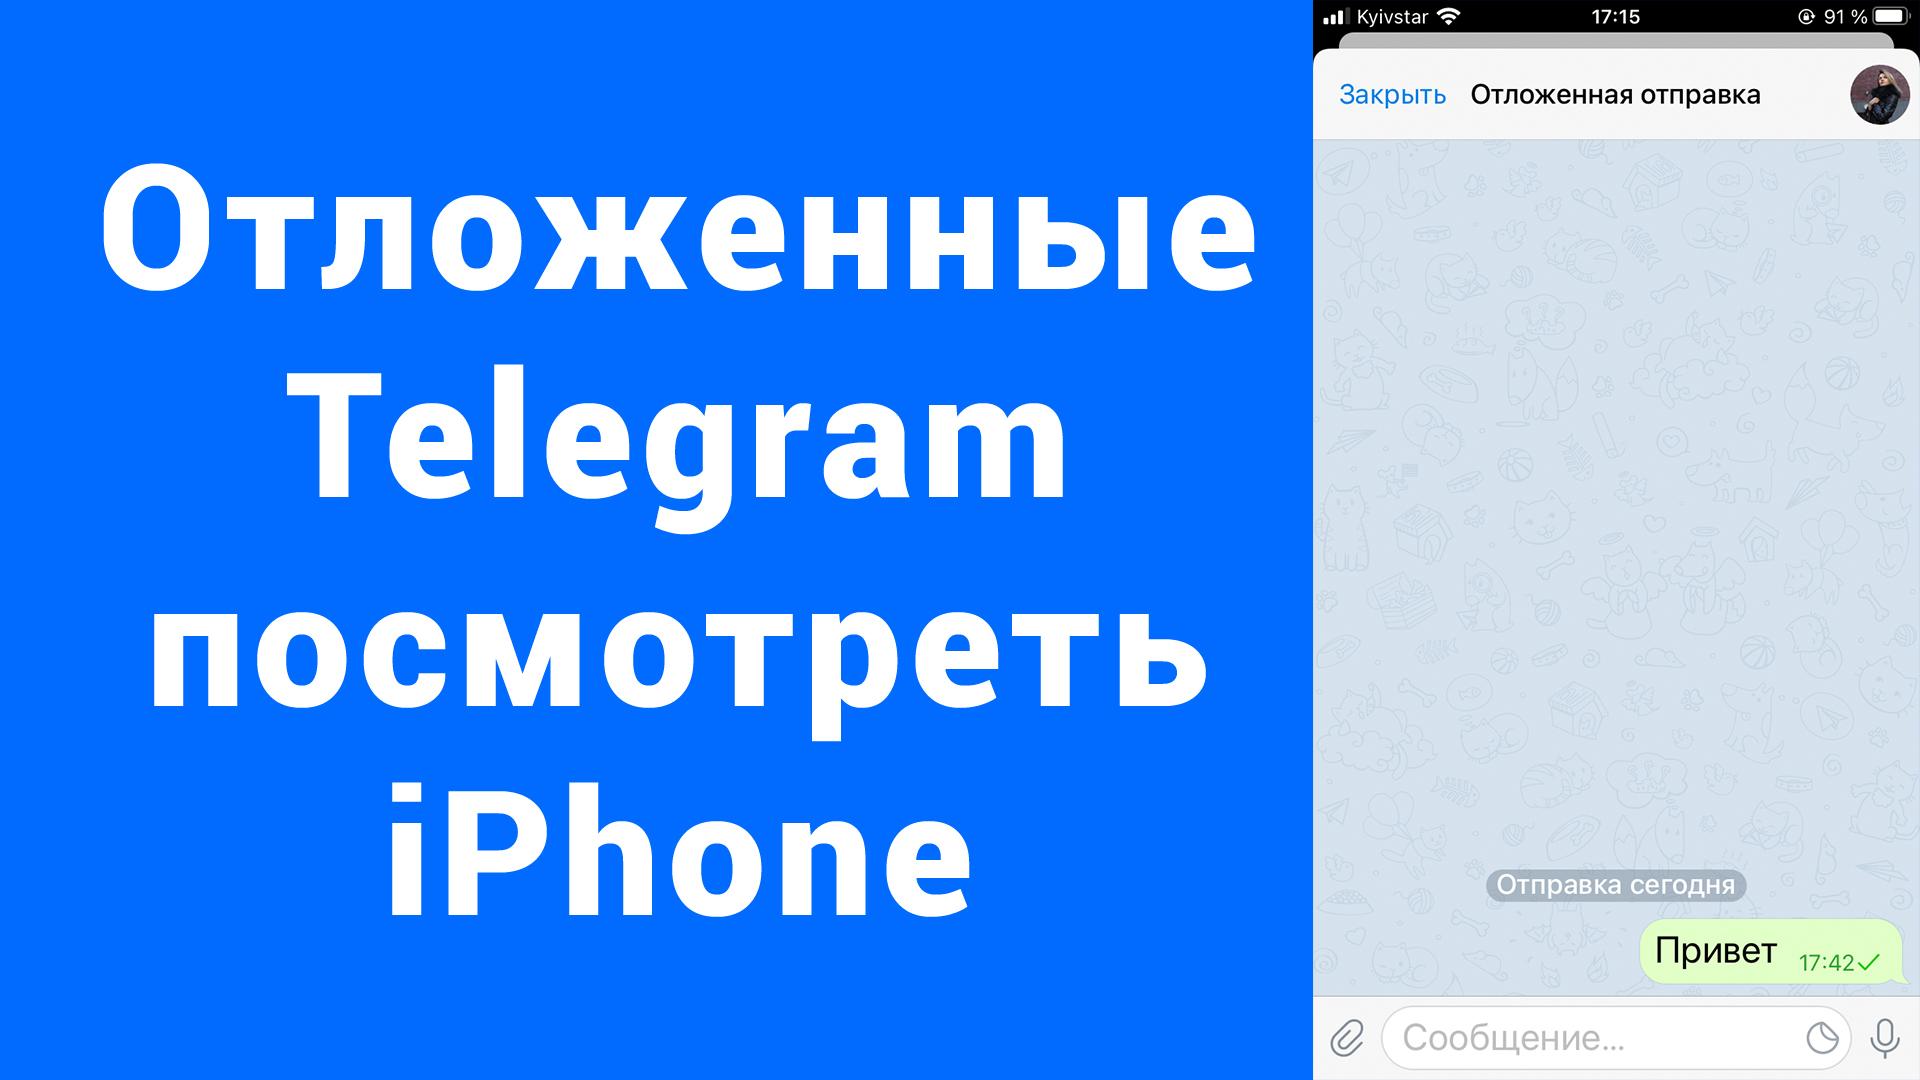 Посмотреть отложенные сообщения Телеграм iPhone отправленные позже на время